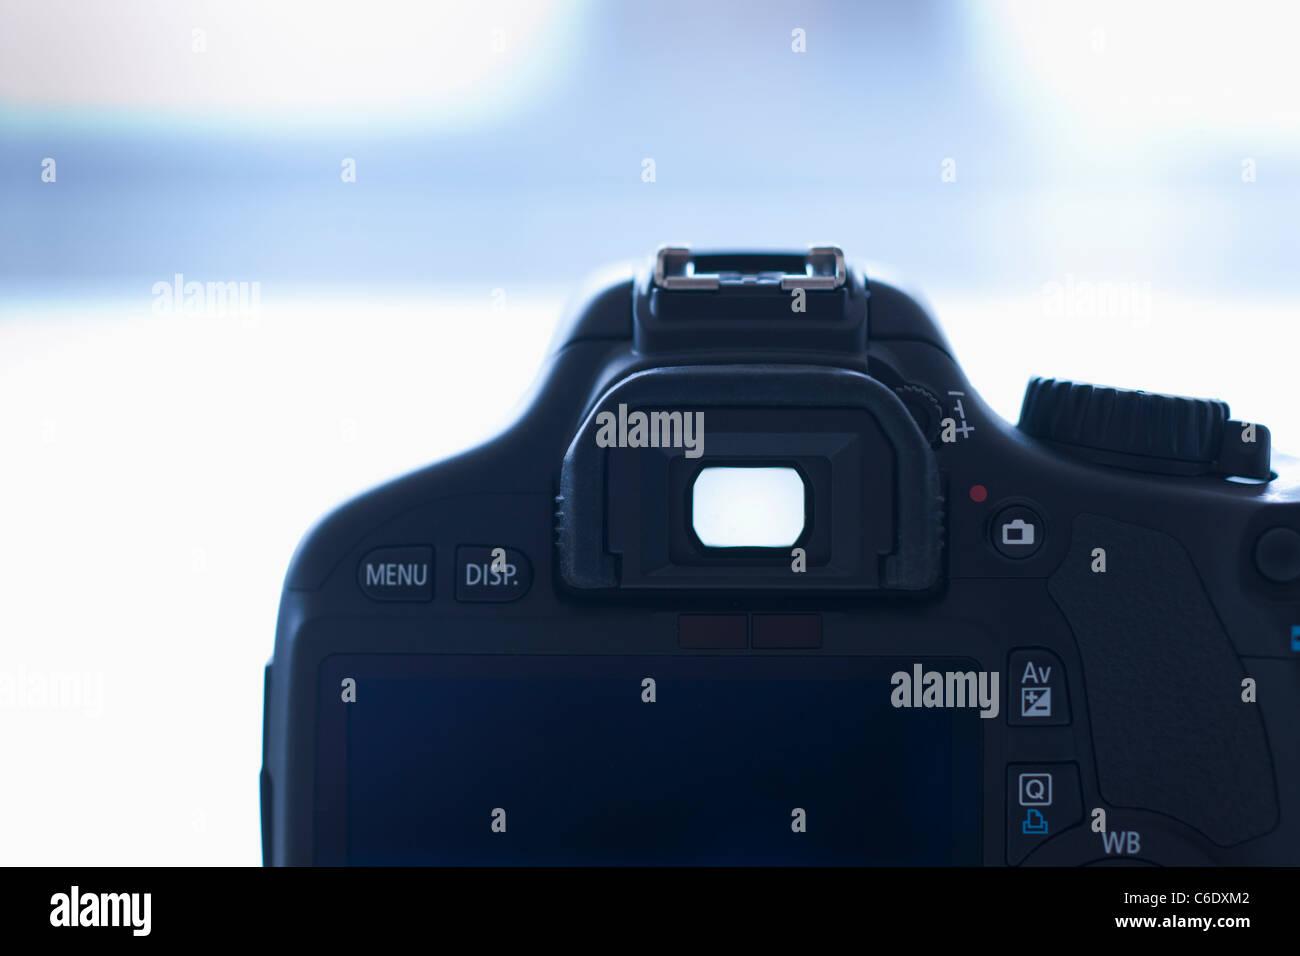 Viewfinder of digital SLR camera - Stock Image